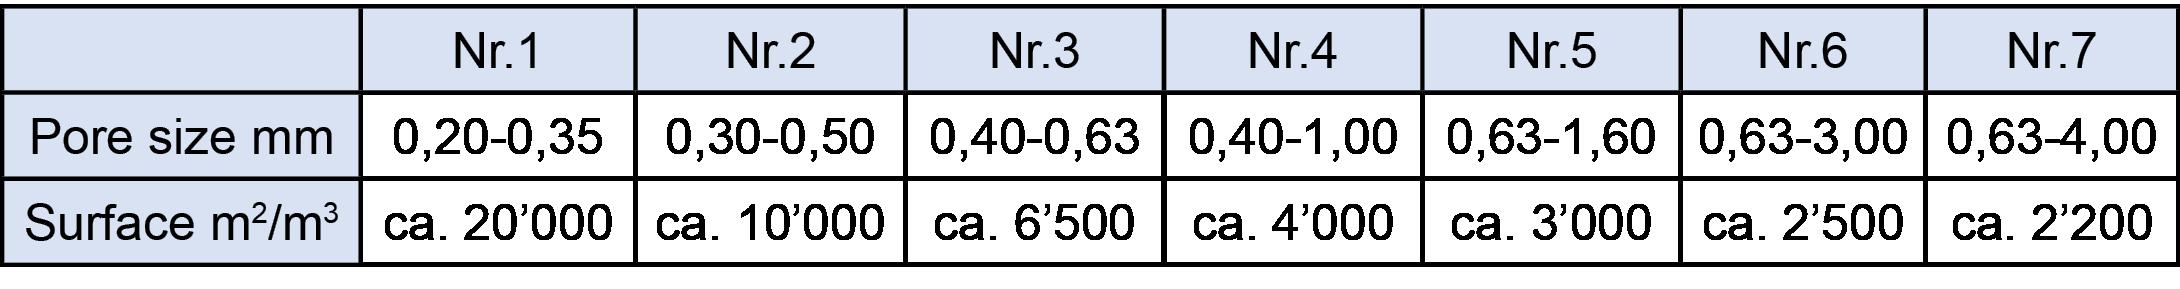 Large-contact-area-between-gas-and-porous-aluminum-matrix